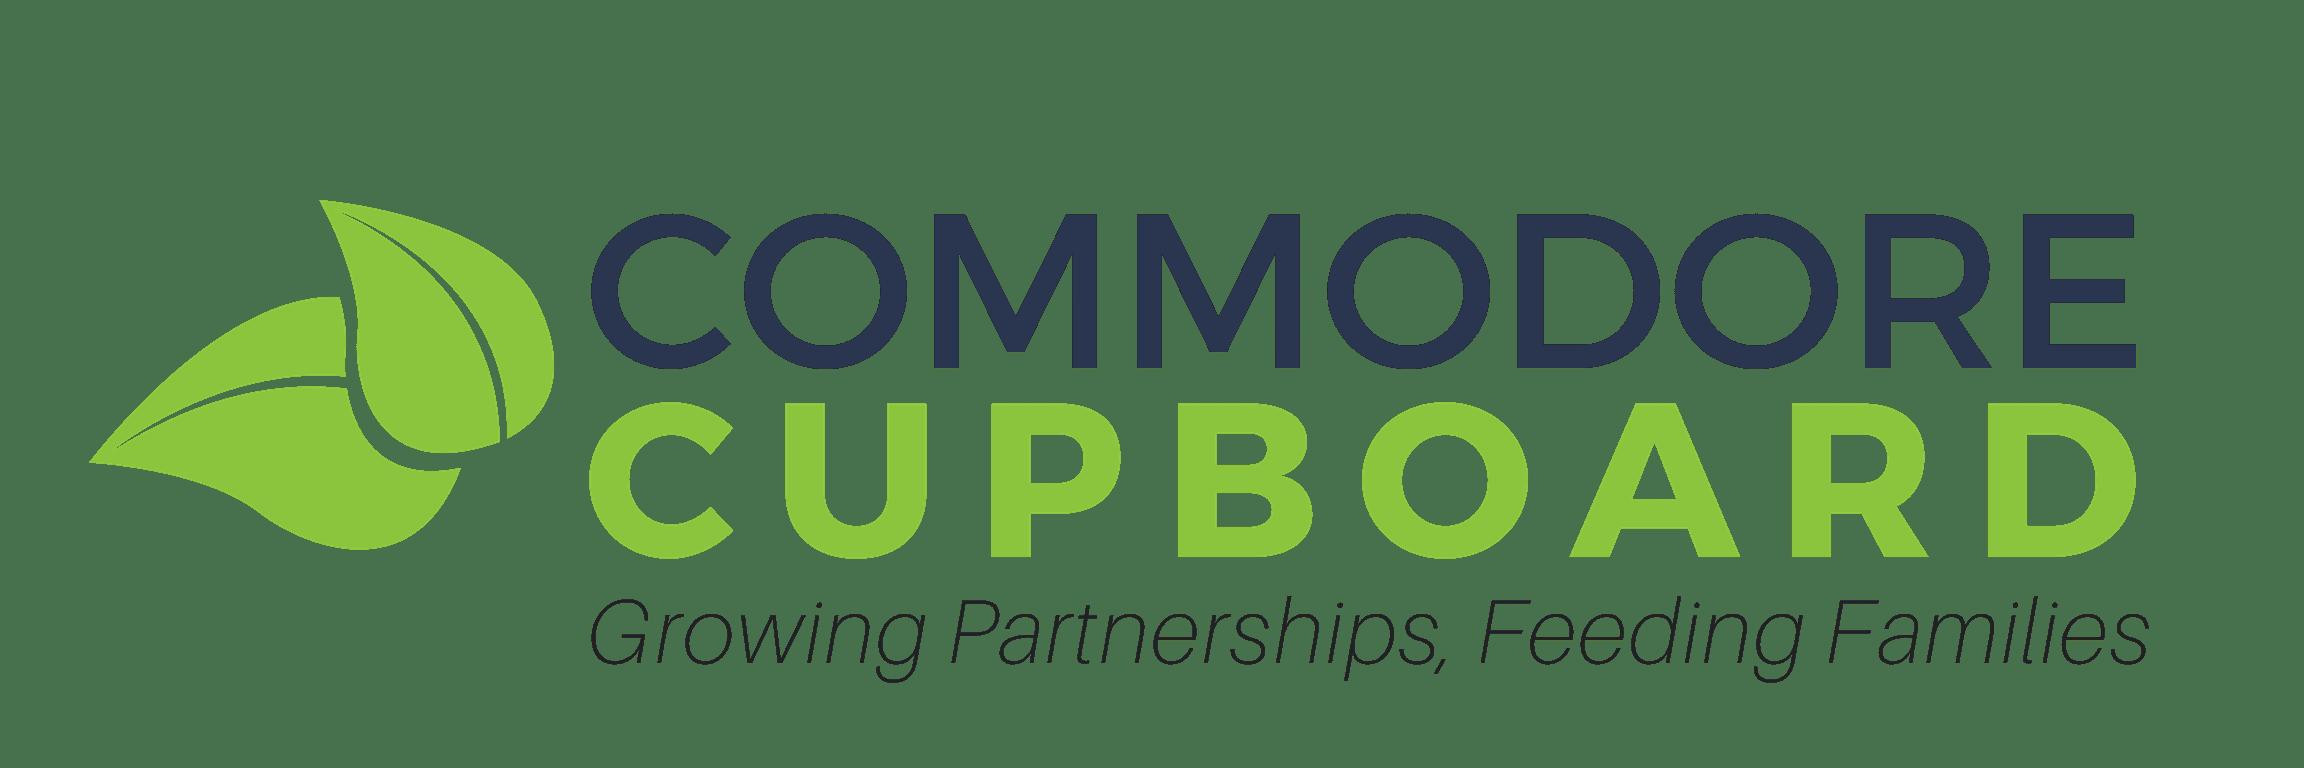 Commodore Cupboard